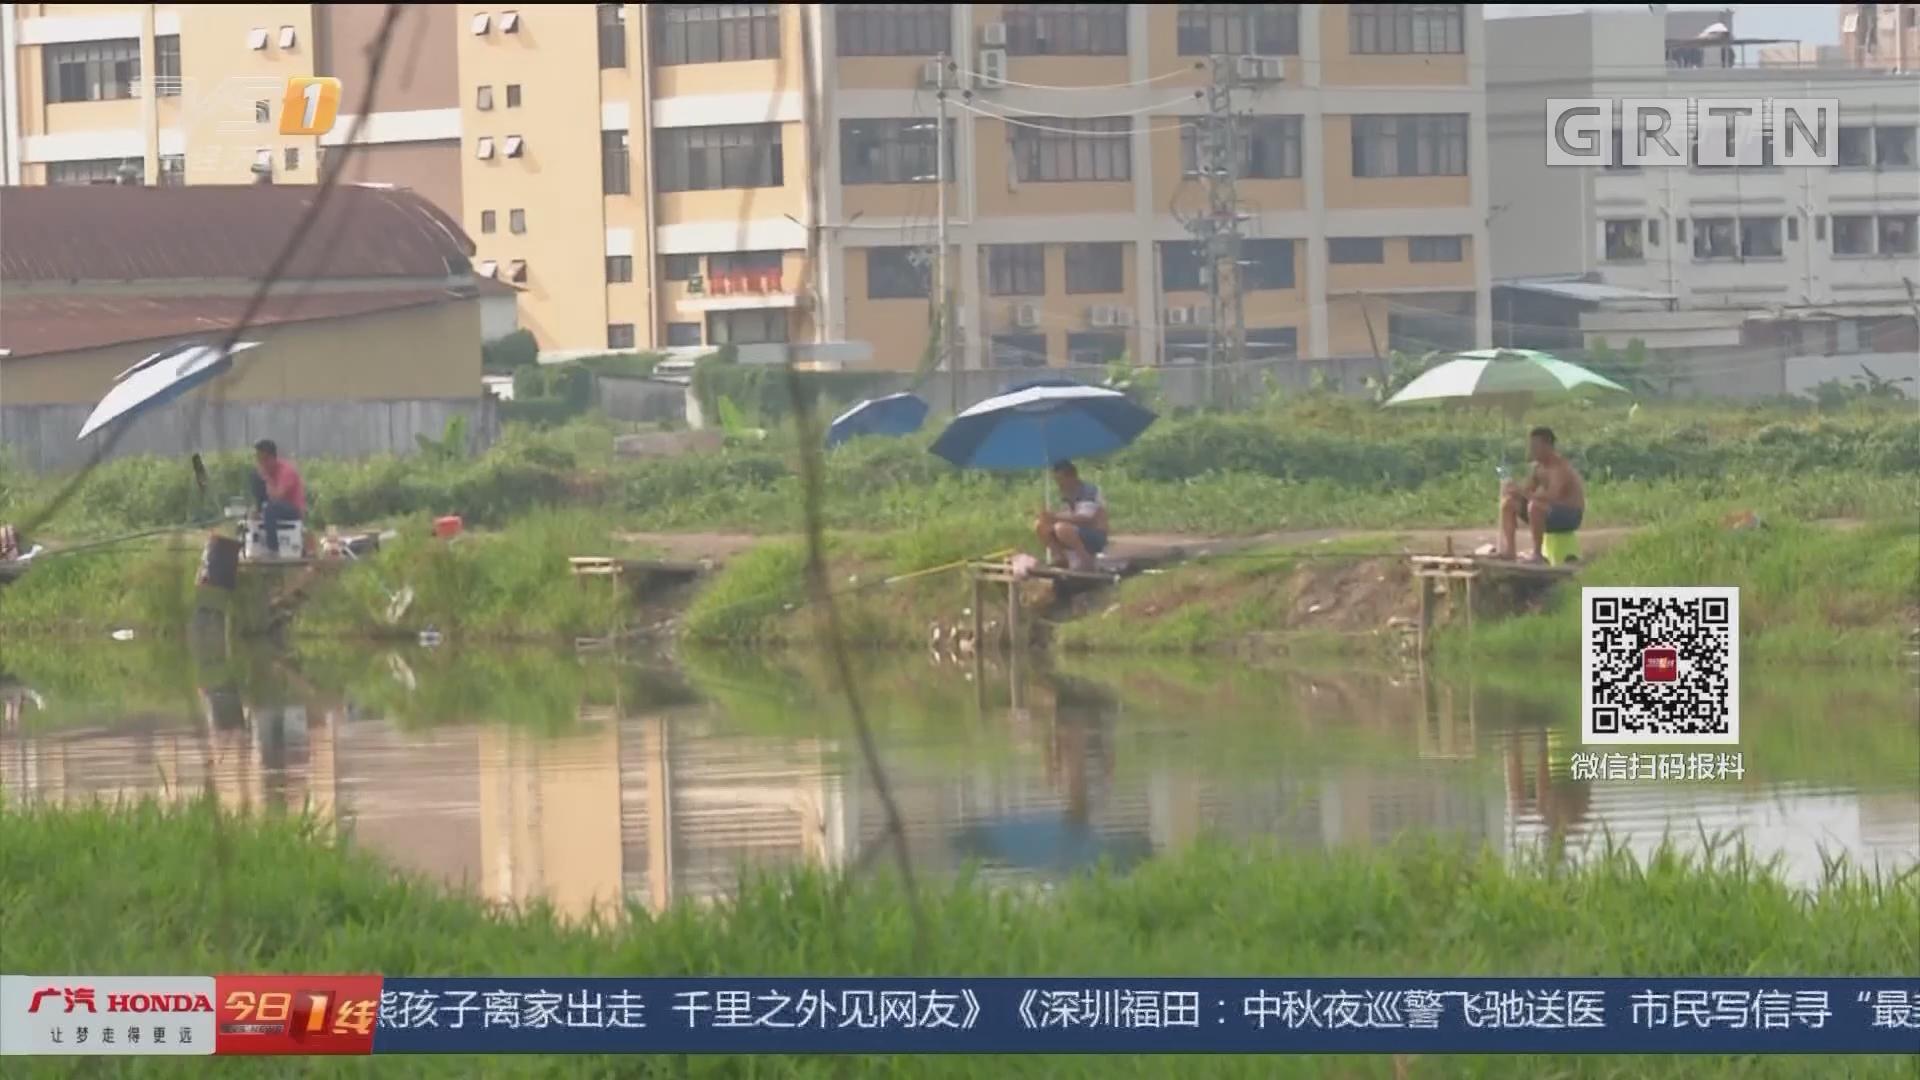 中山三乡:钓鱼不慎落水 消防紧急救援